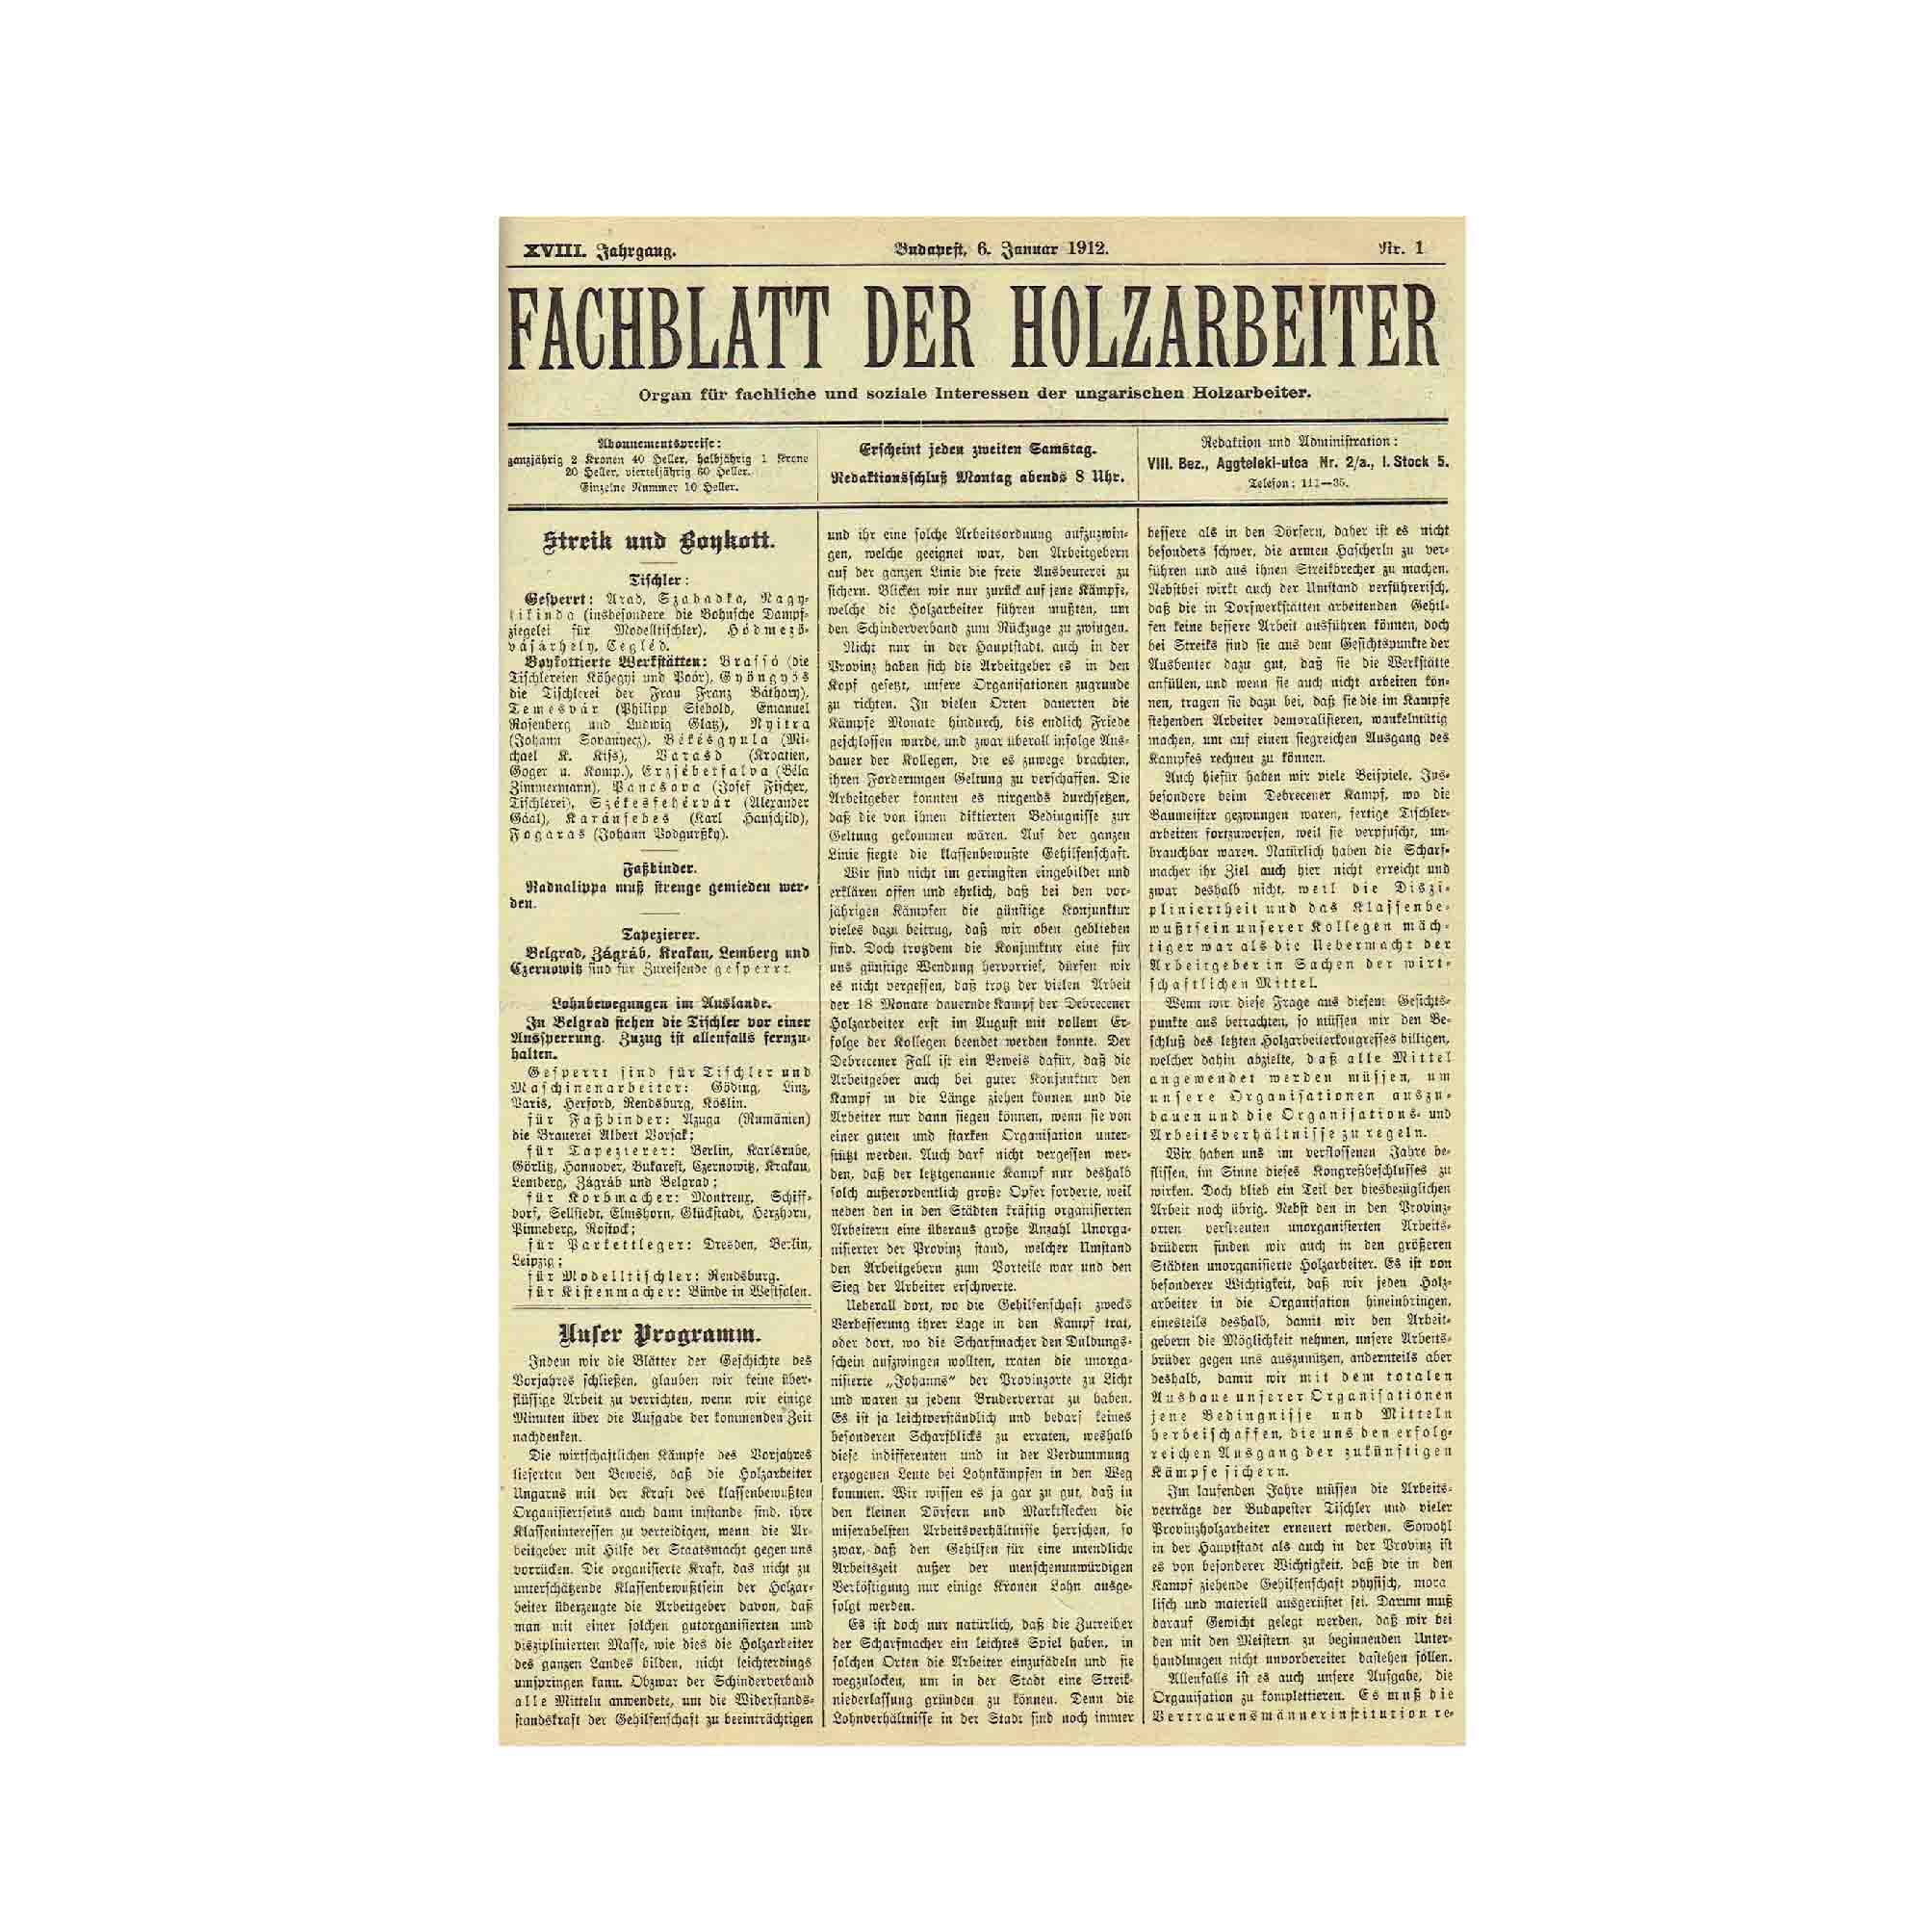 Fachblatt-Holzarbeiter-1912-Titelblatt-Nr.-1-A-N.jpg